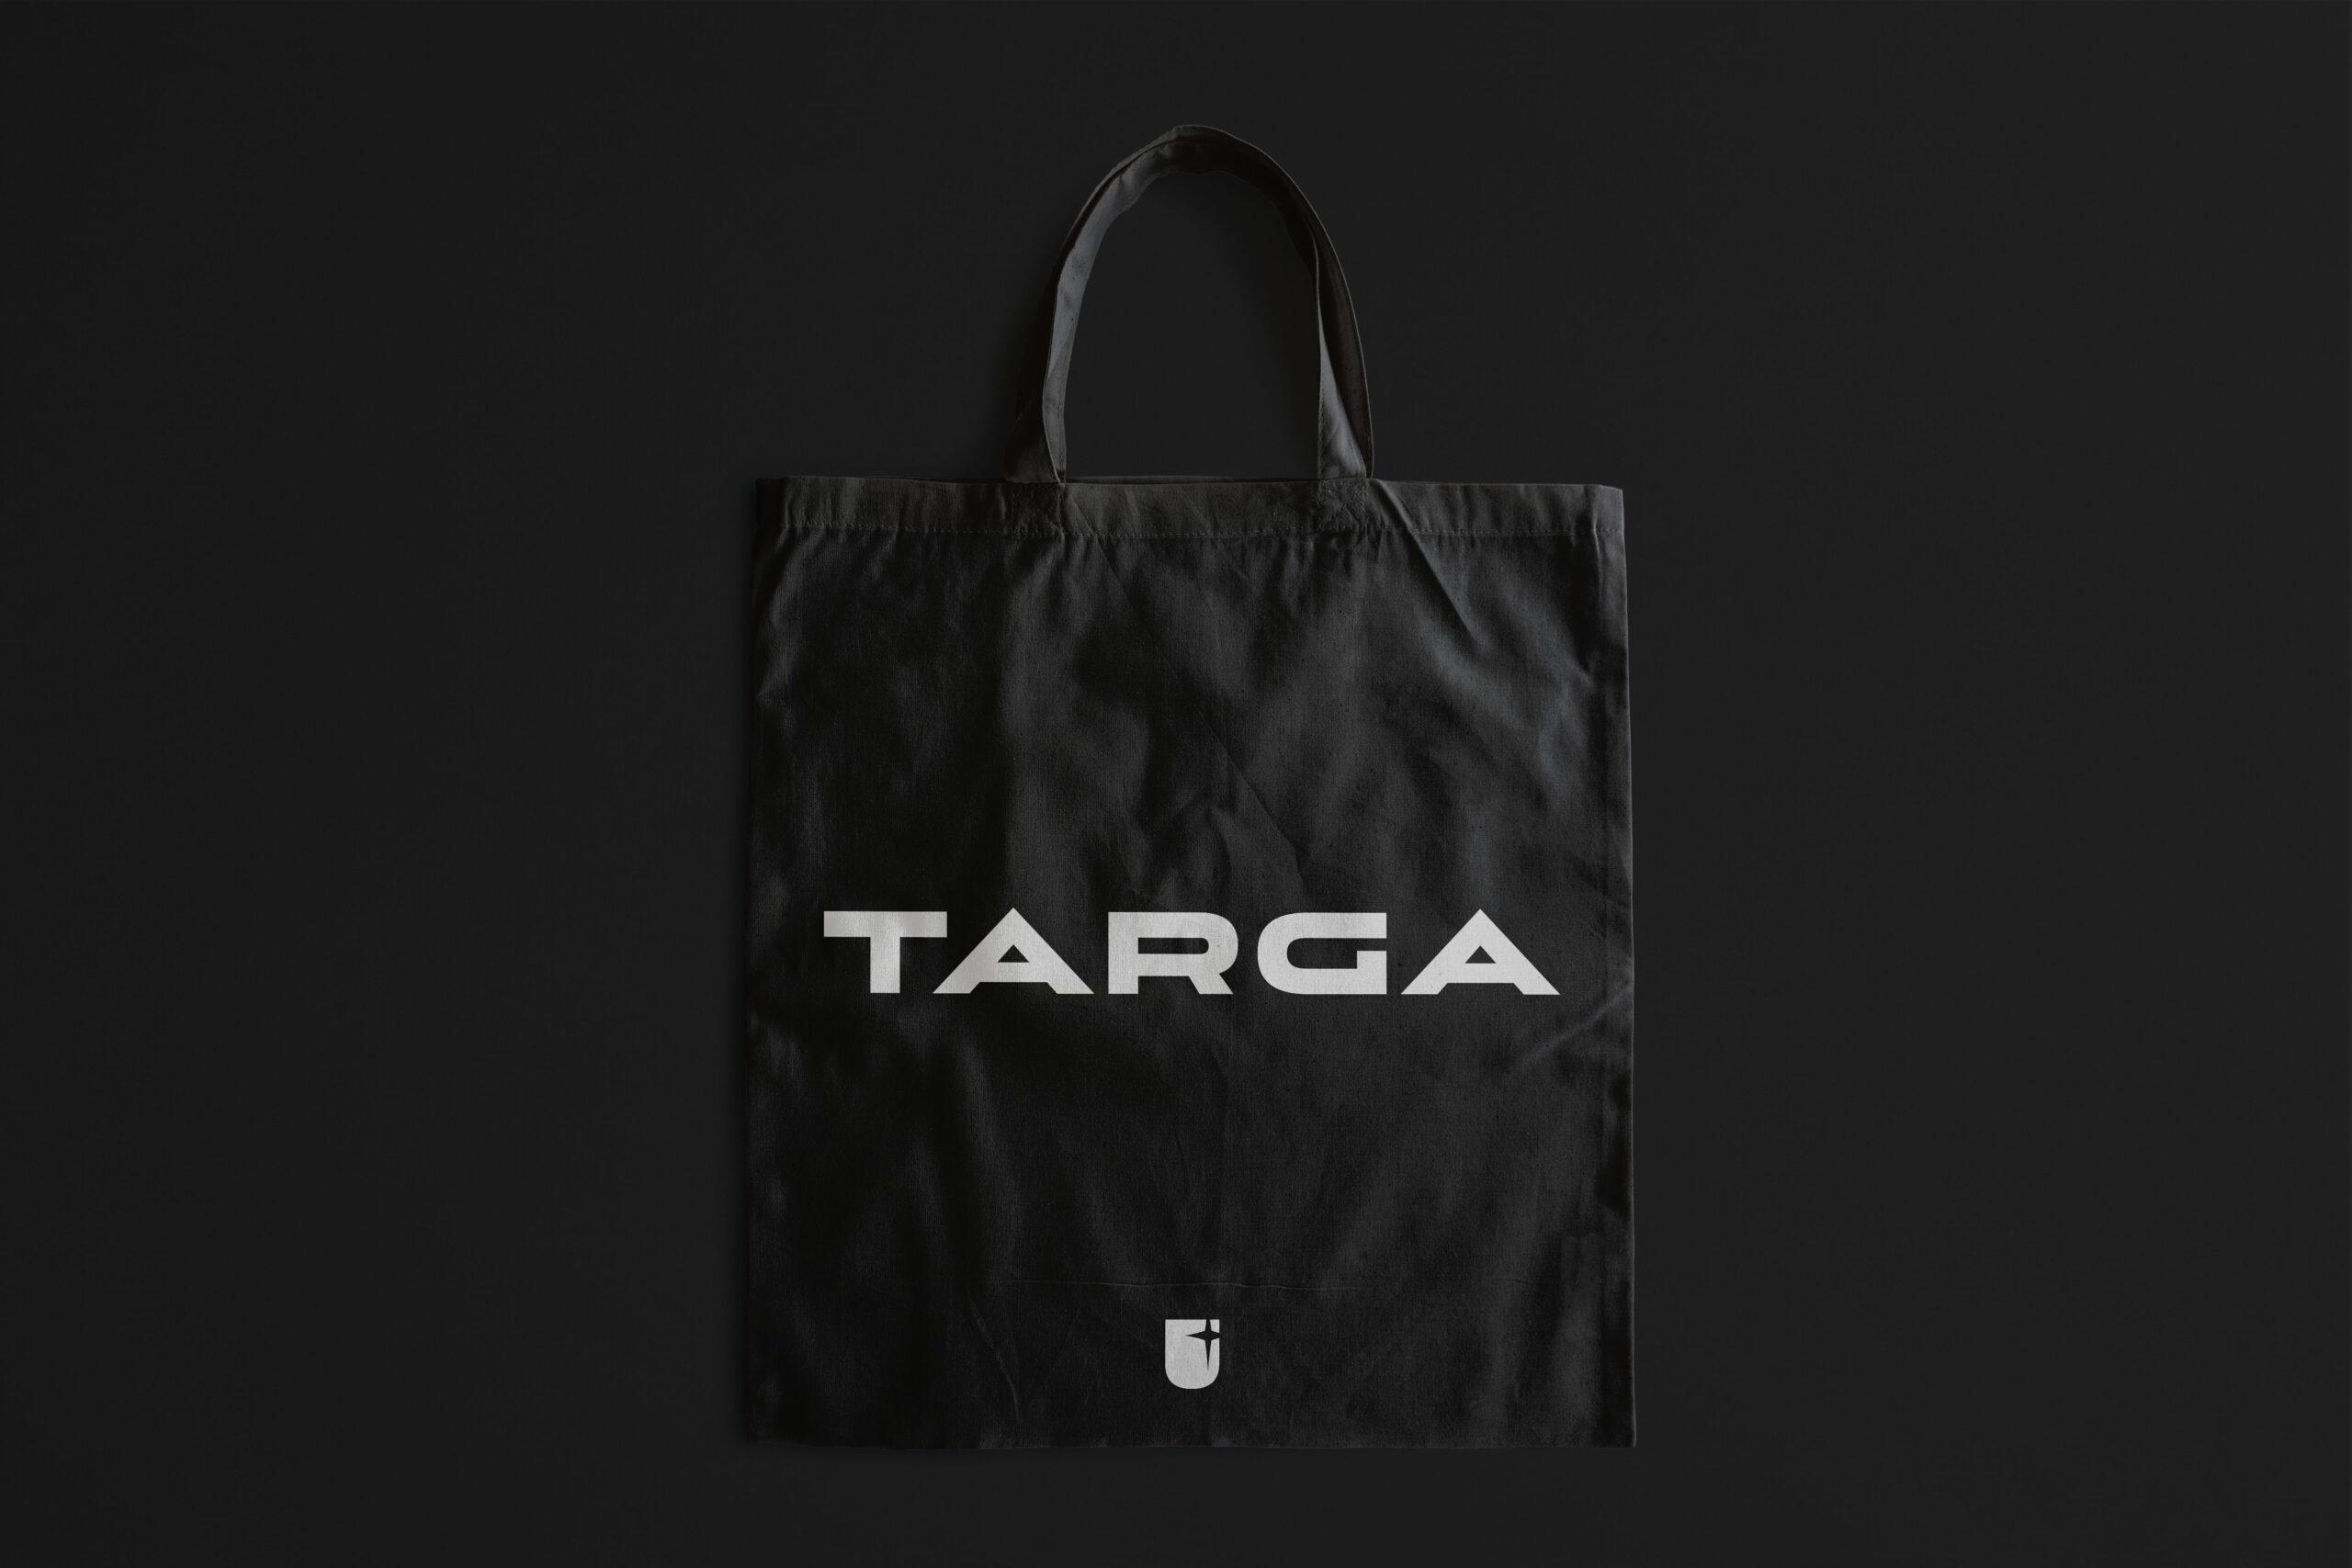 TARGA-Tote-bag